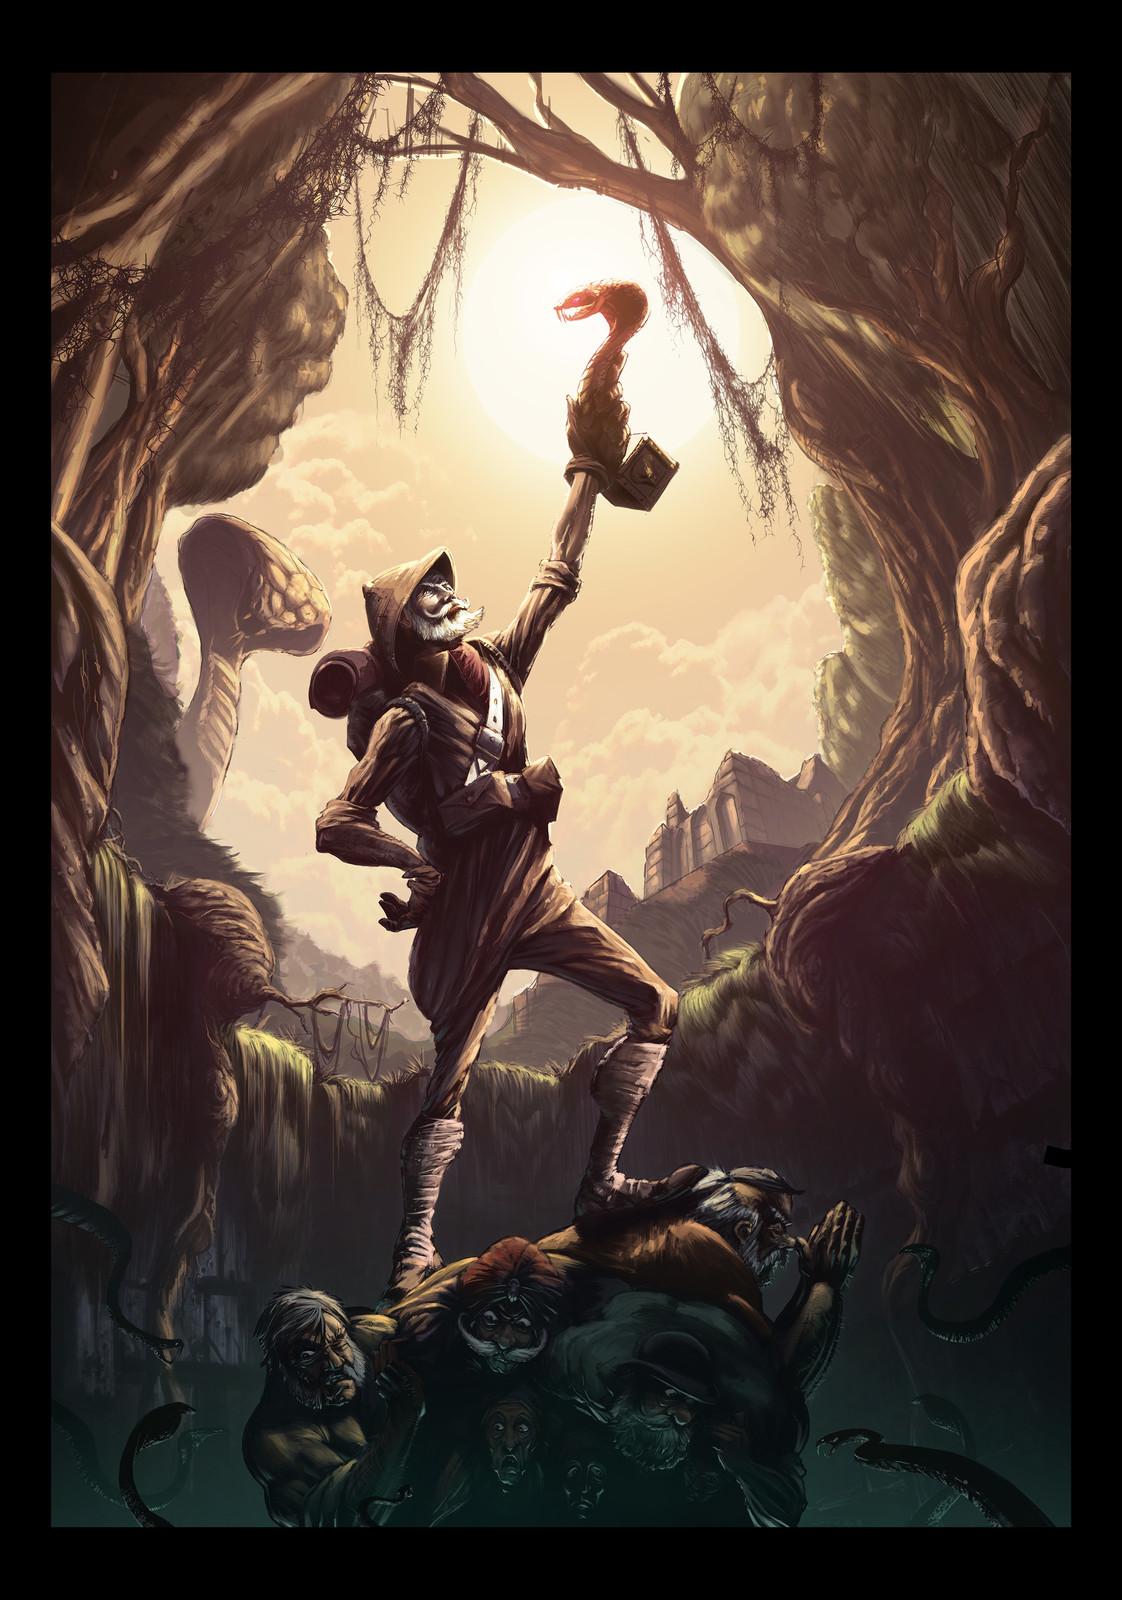 Illustration - Chessignton World of Adventure - Wild Asia.